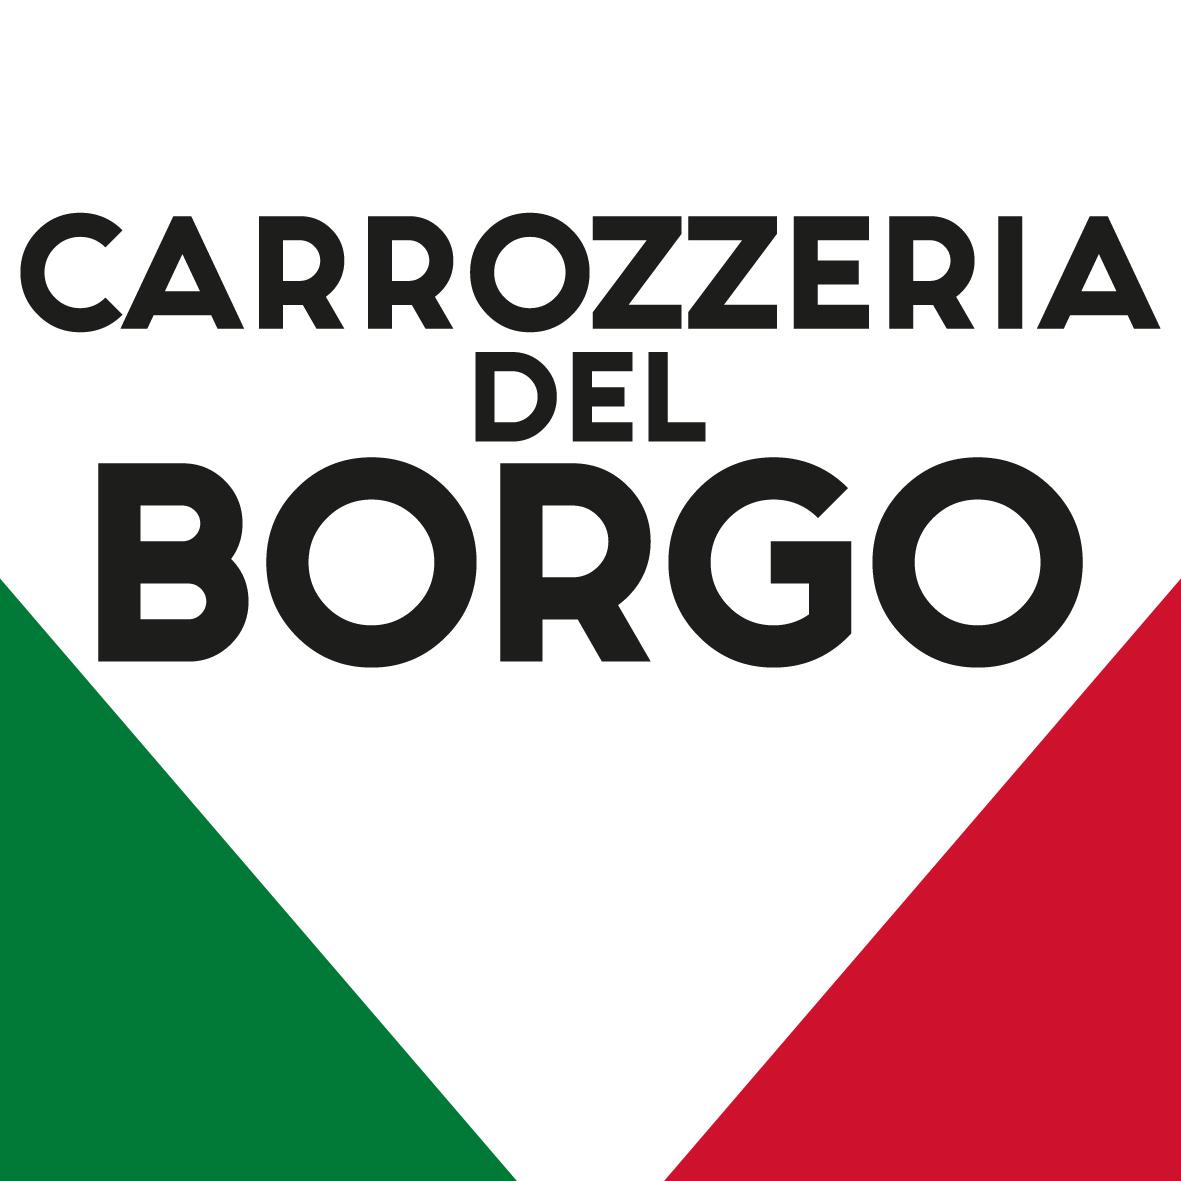 Carrozzeria del Borgo | Carrozzeria a Borgo SanDalmazzo per auto, moto e scooter